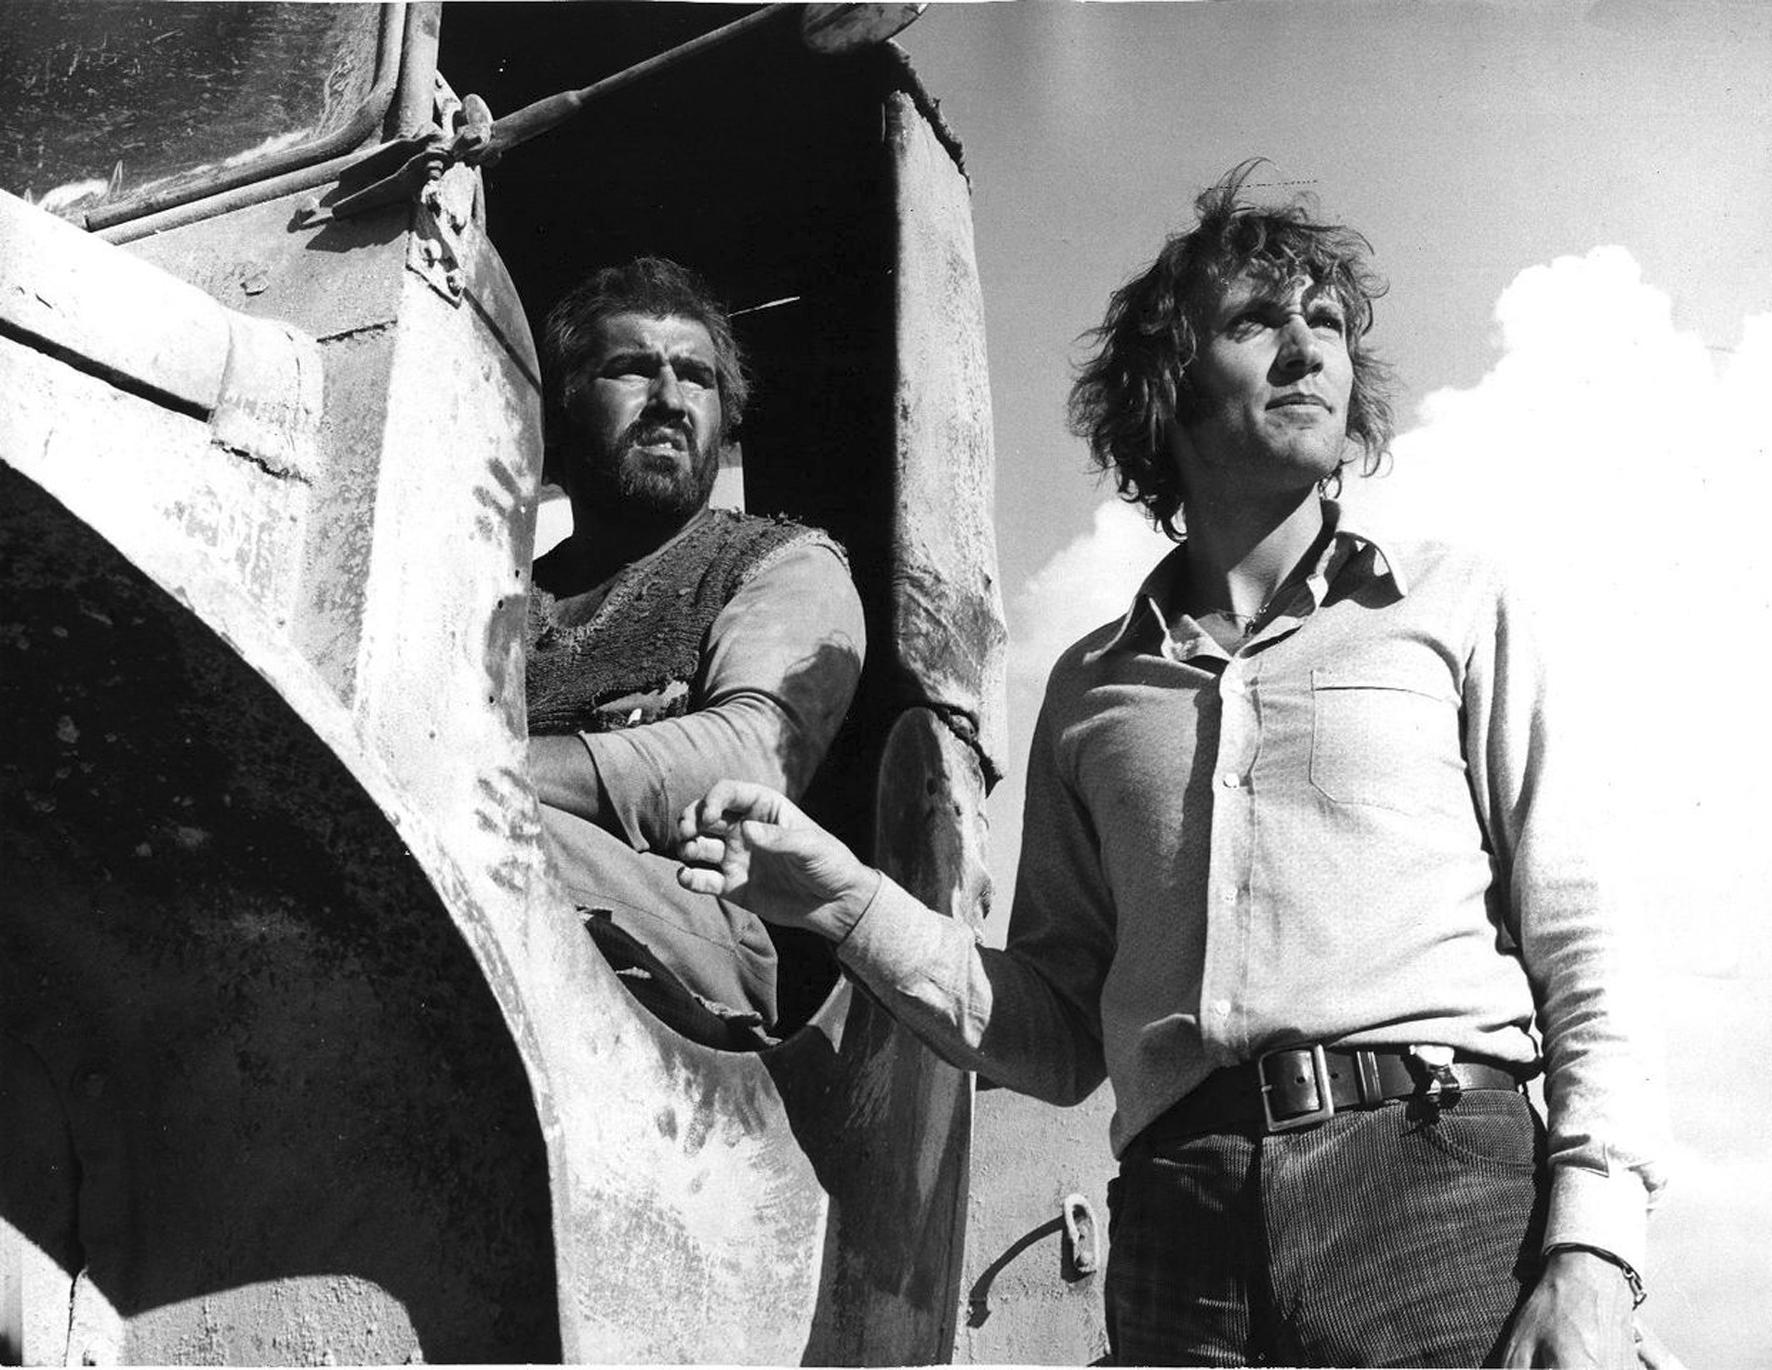 mario-adorf-und-roland-klick-bei-den-dreharbeiten-zu-deadlock-1970-filmgalerie-451